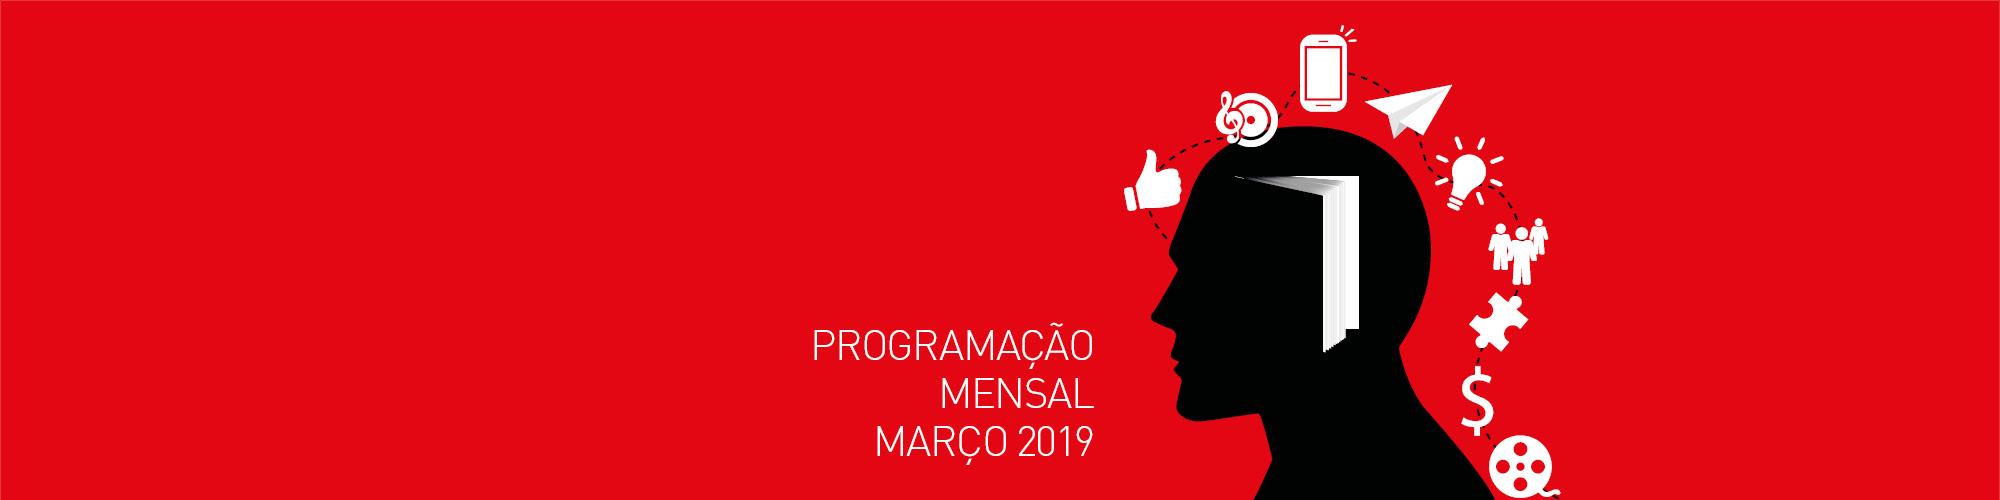 Unibes Cultural estreia a nova programação de 2019, que foi feita especialmente para você